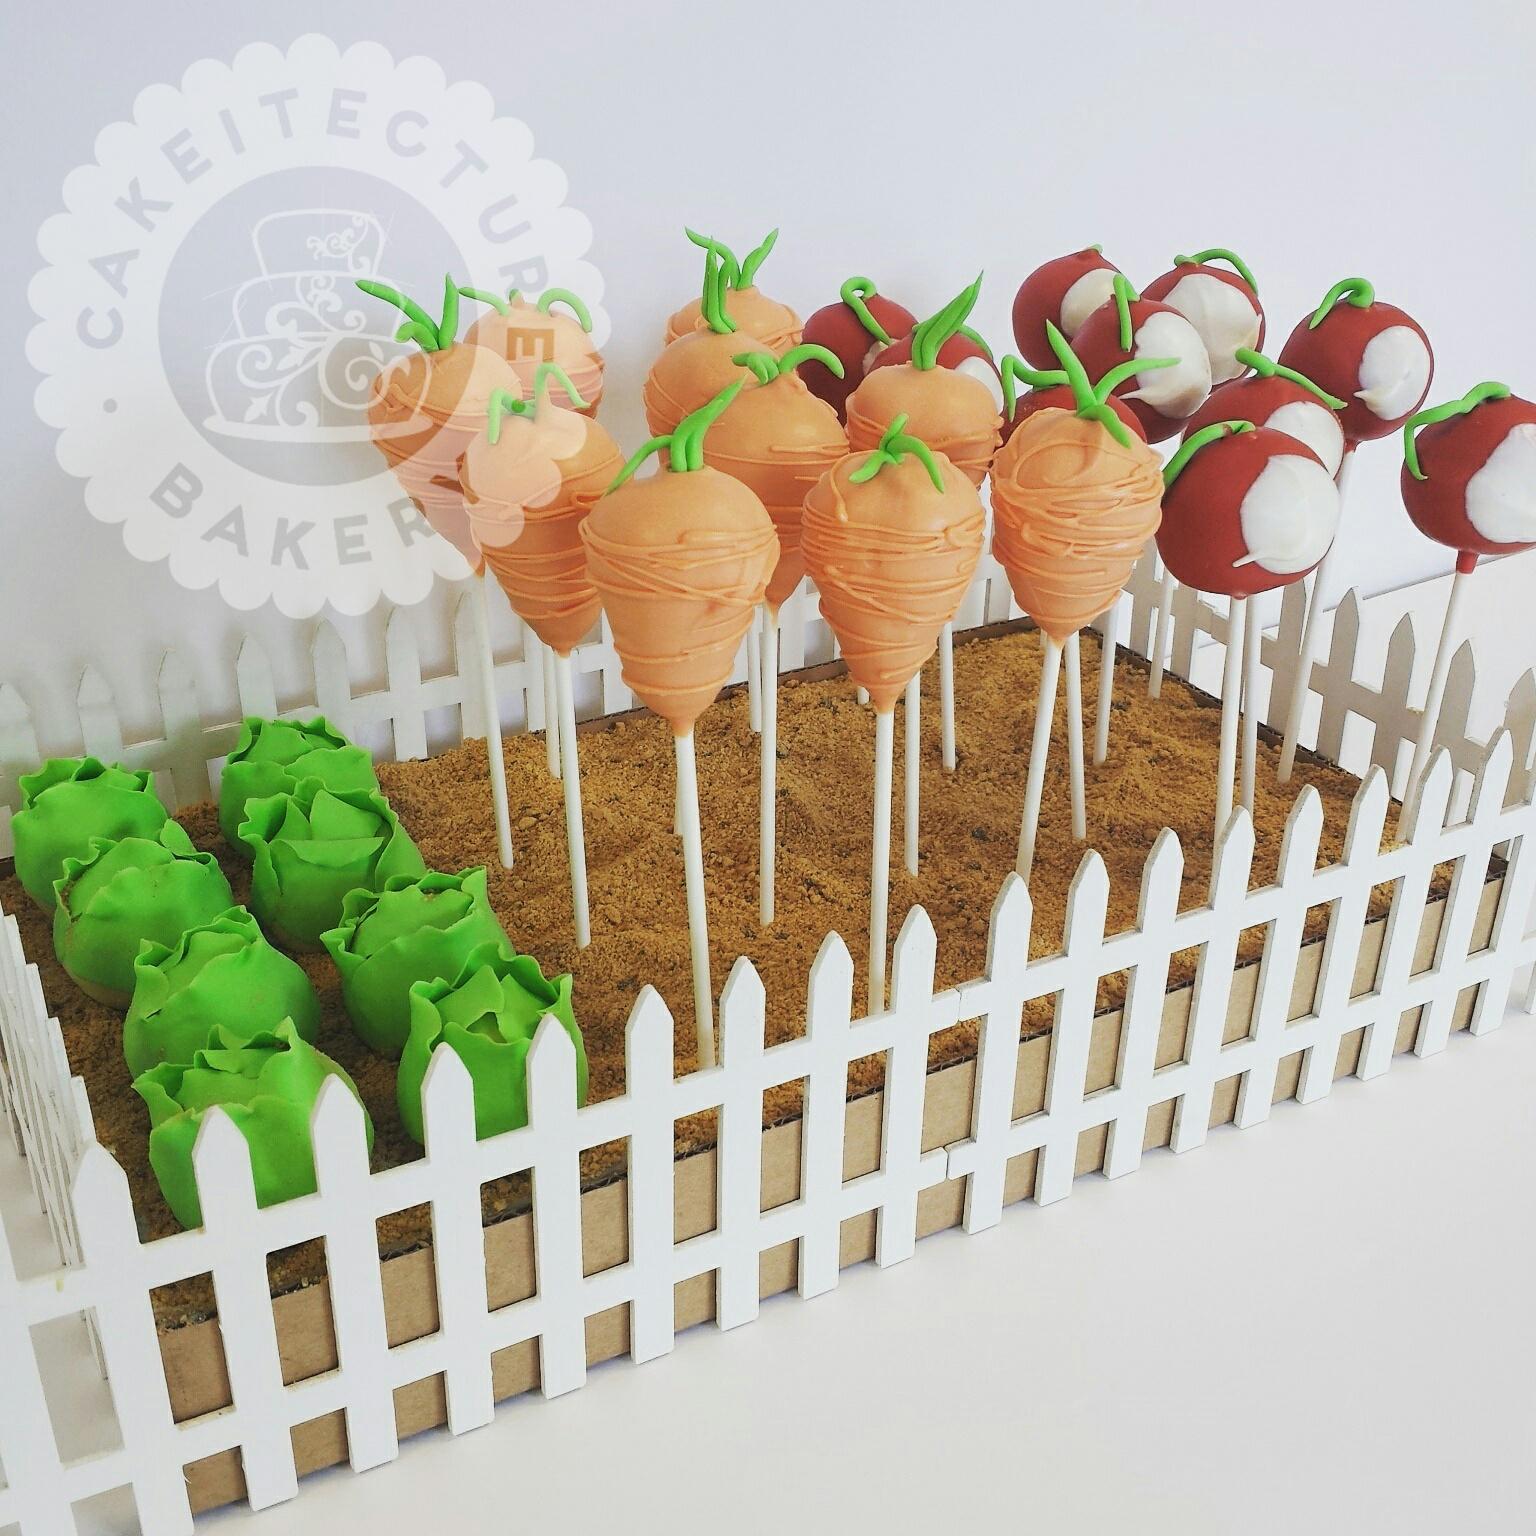 Cakeitecture Bakery garden pops.jpg